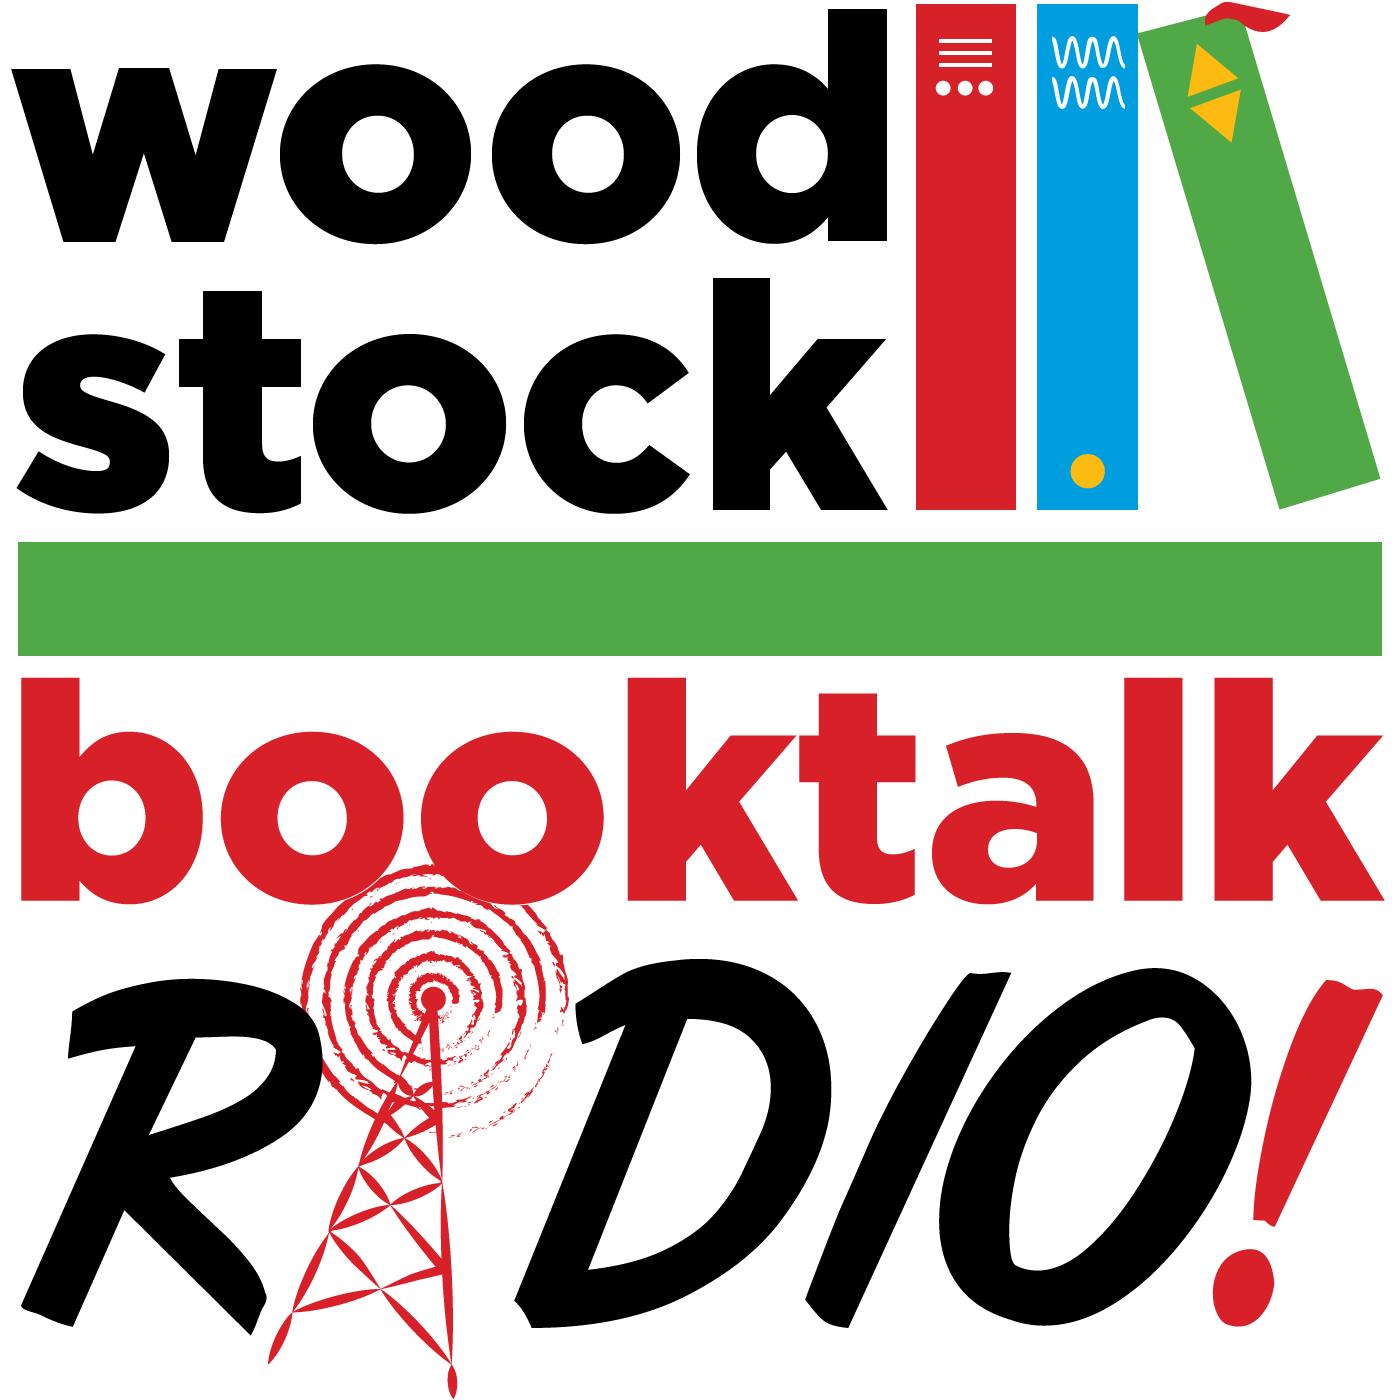 Woodstock Booktalk with Martha Frankel